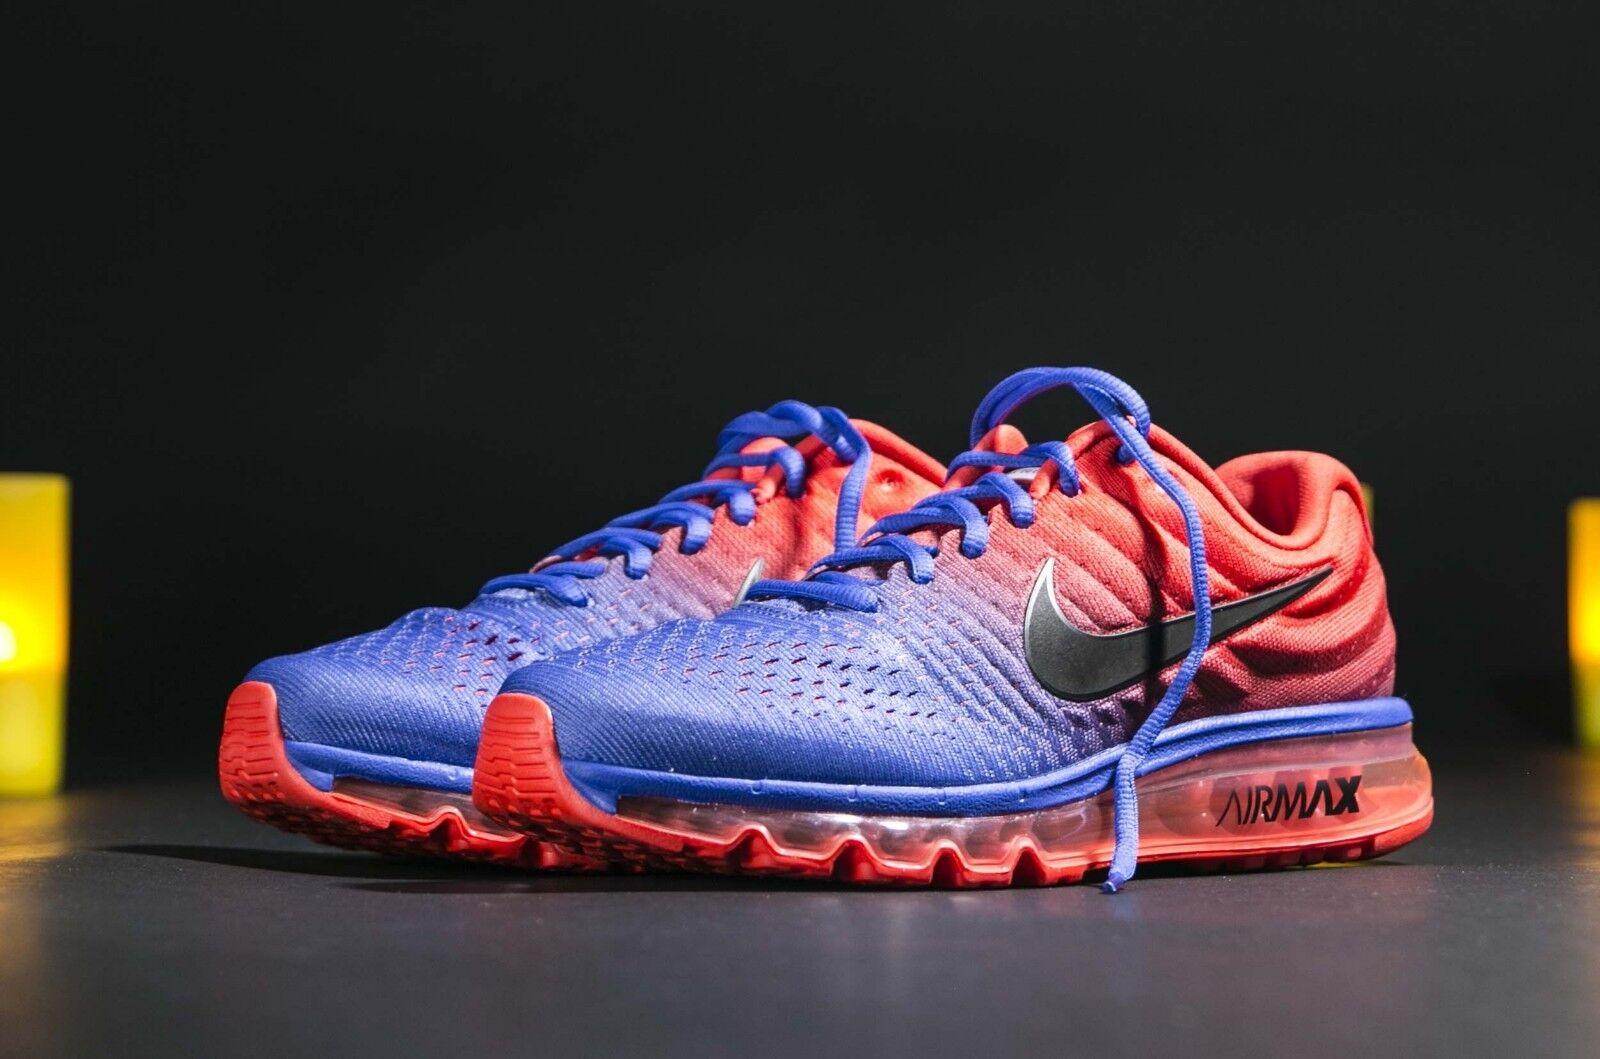 Nike Air Max 2018 9 multicolor..Hombres o mujeres 9 2018 10,5..Ships fastDescuento de la marca ec9be0